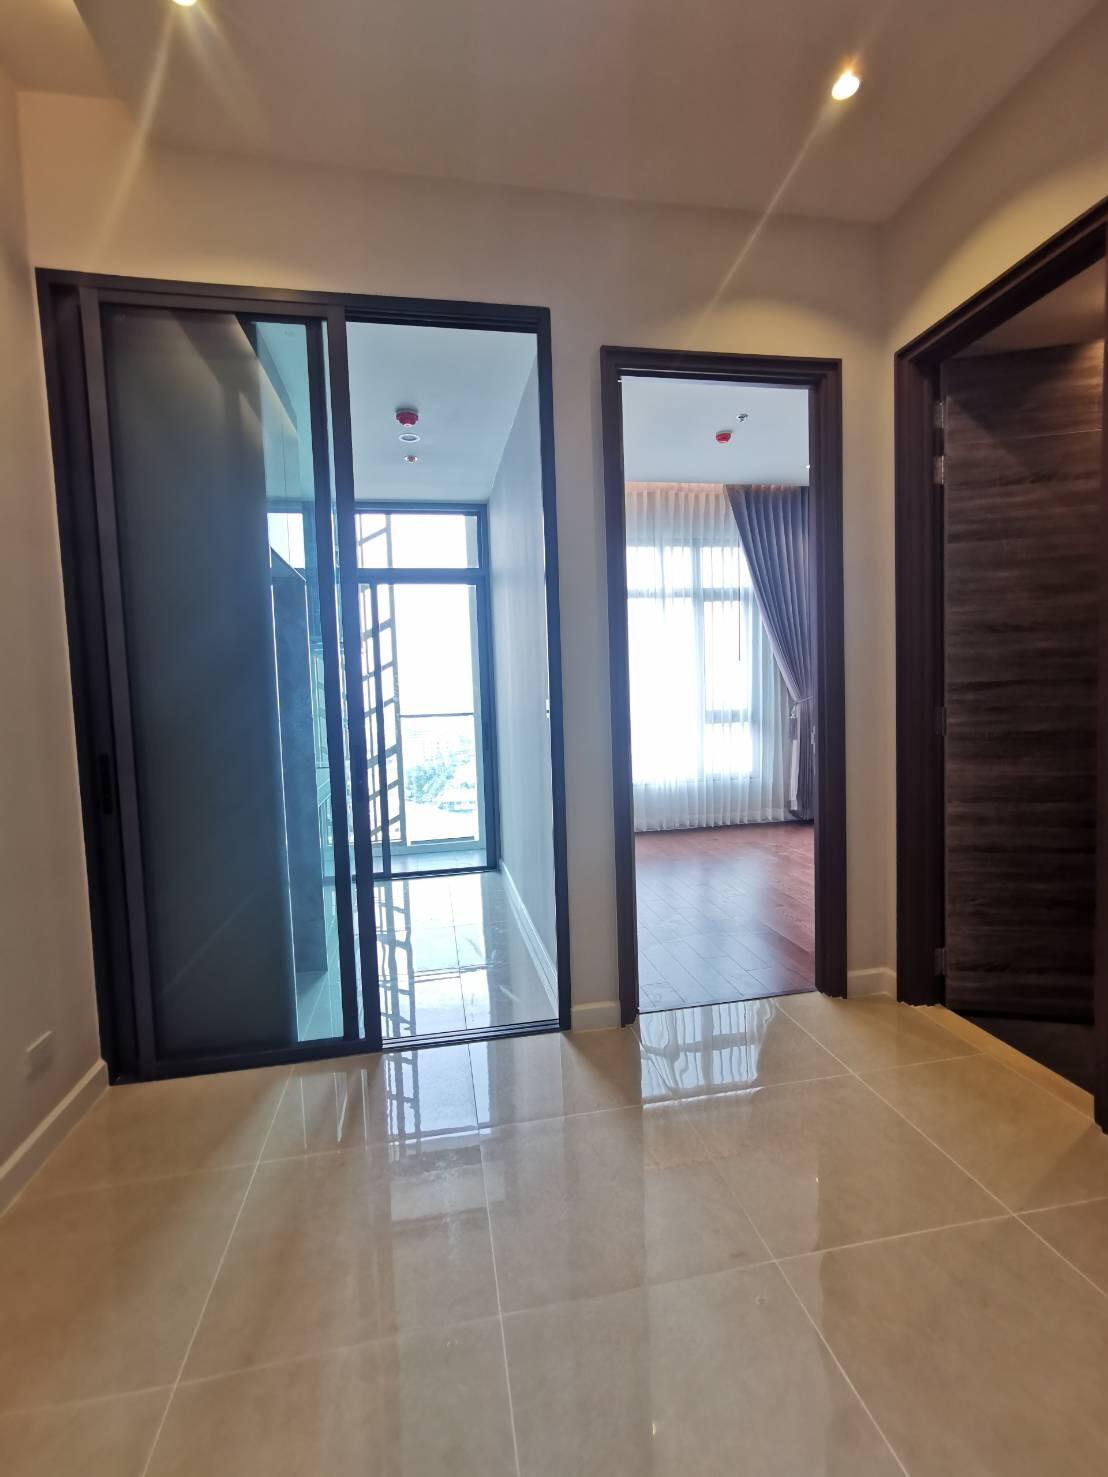 Mayfair Place Sukhumvit 50 – New Sale 1 Bedroom